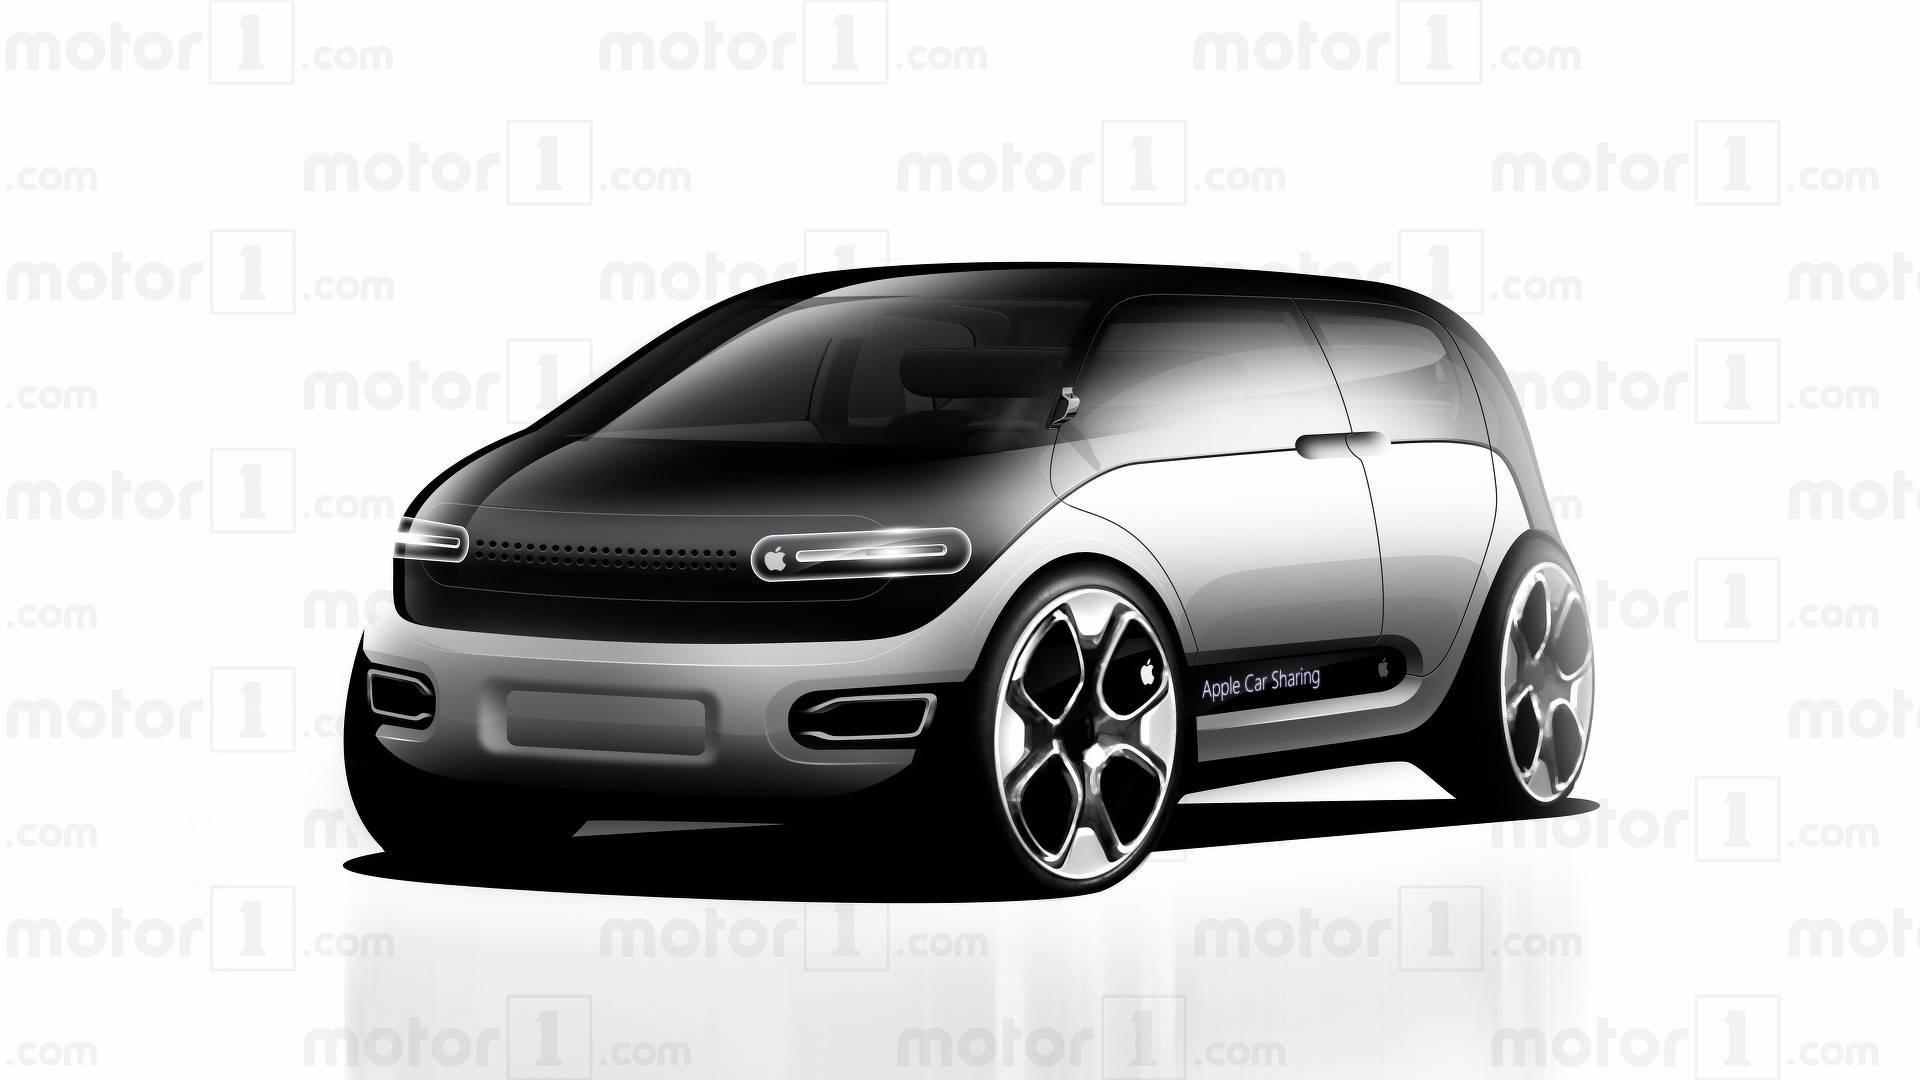 Hyundai potrebbe supportare la produzione dell'auto Apple, la Apple Car